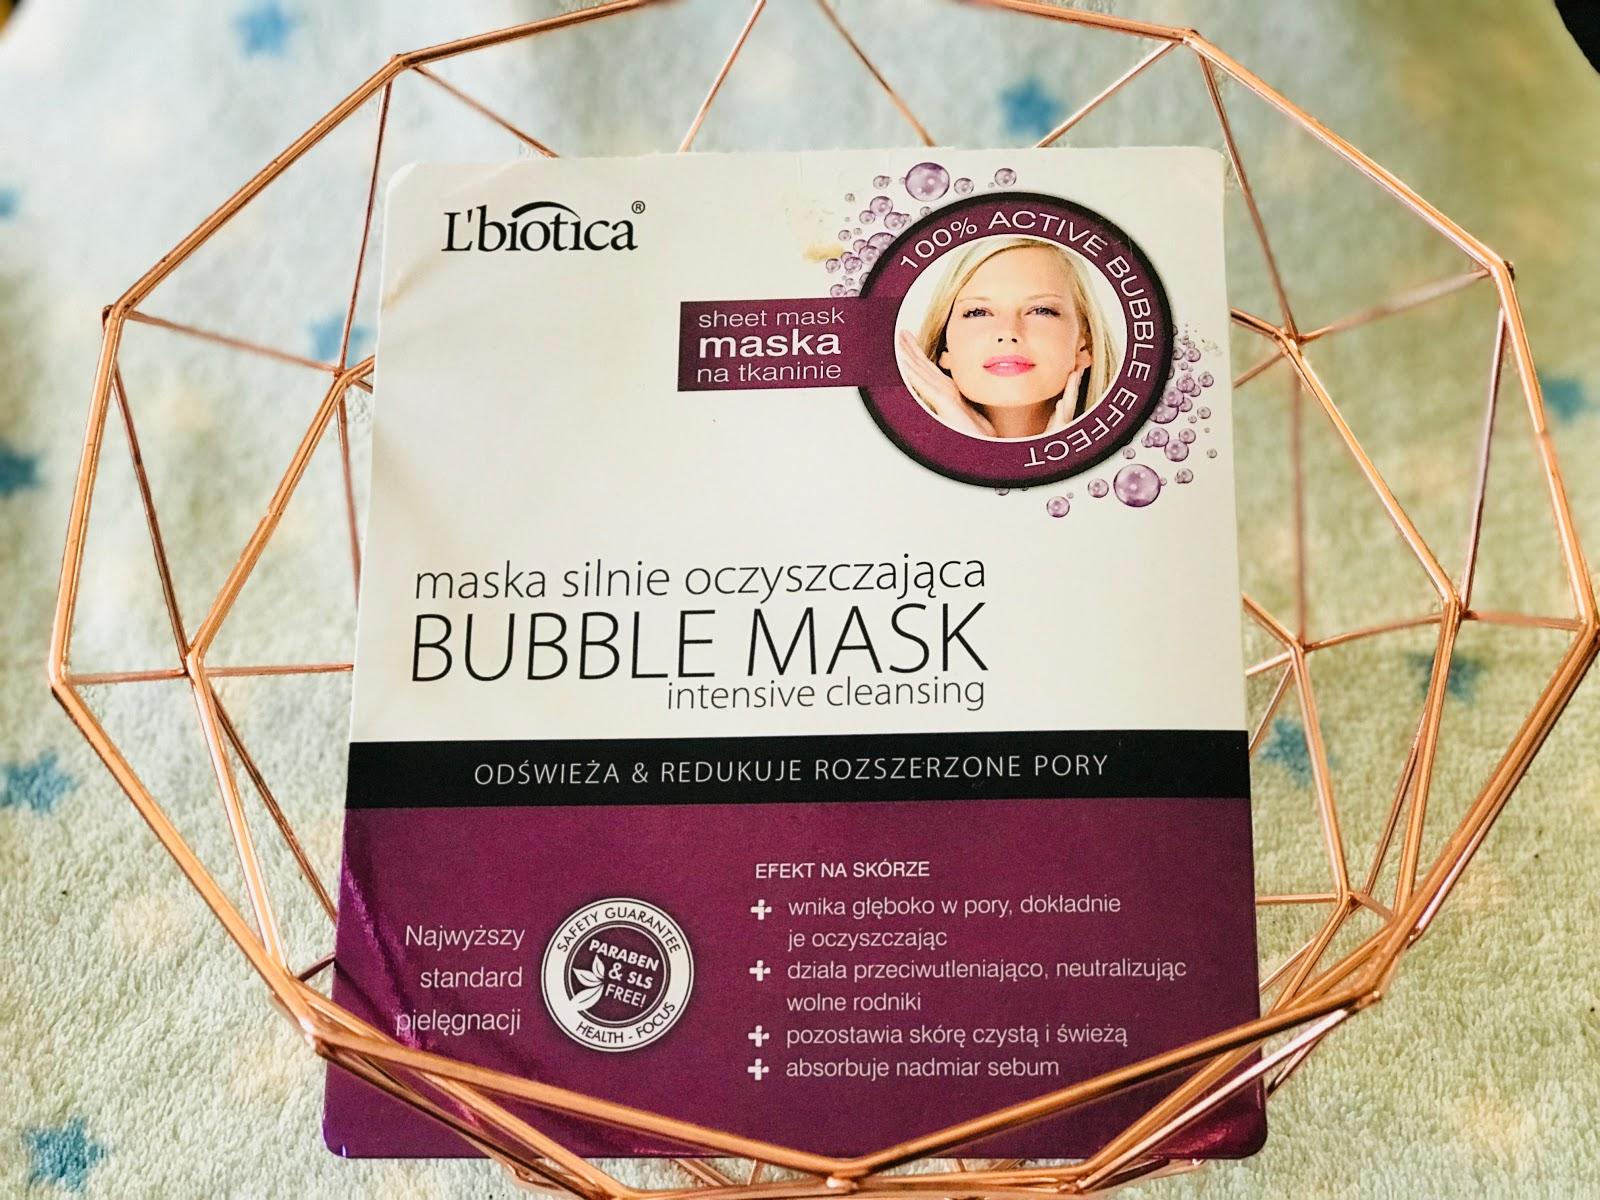 L'biotica maska silnie oczyszczająca BUBBLE MASK